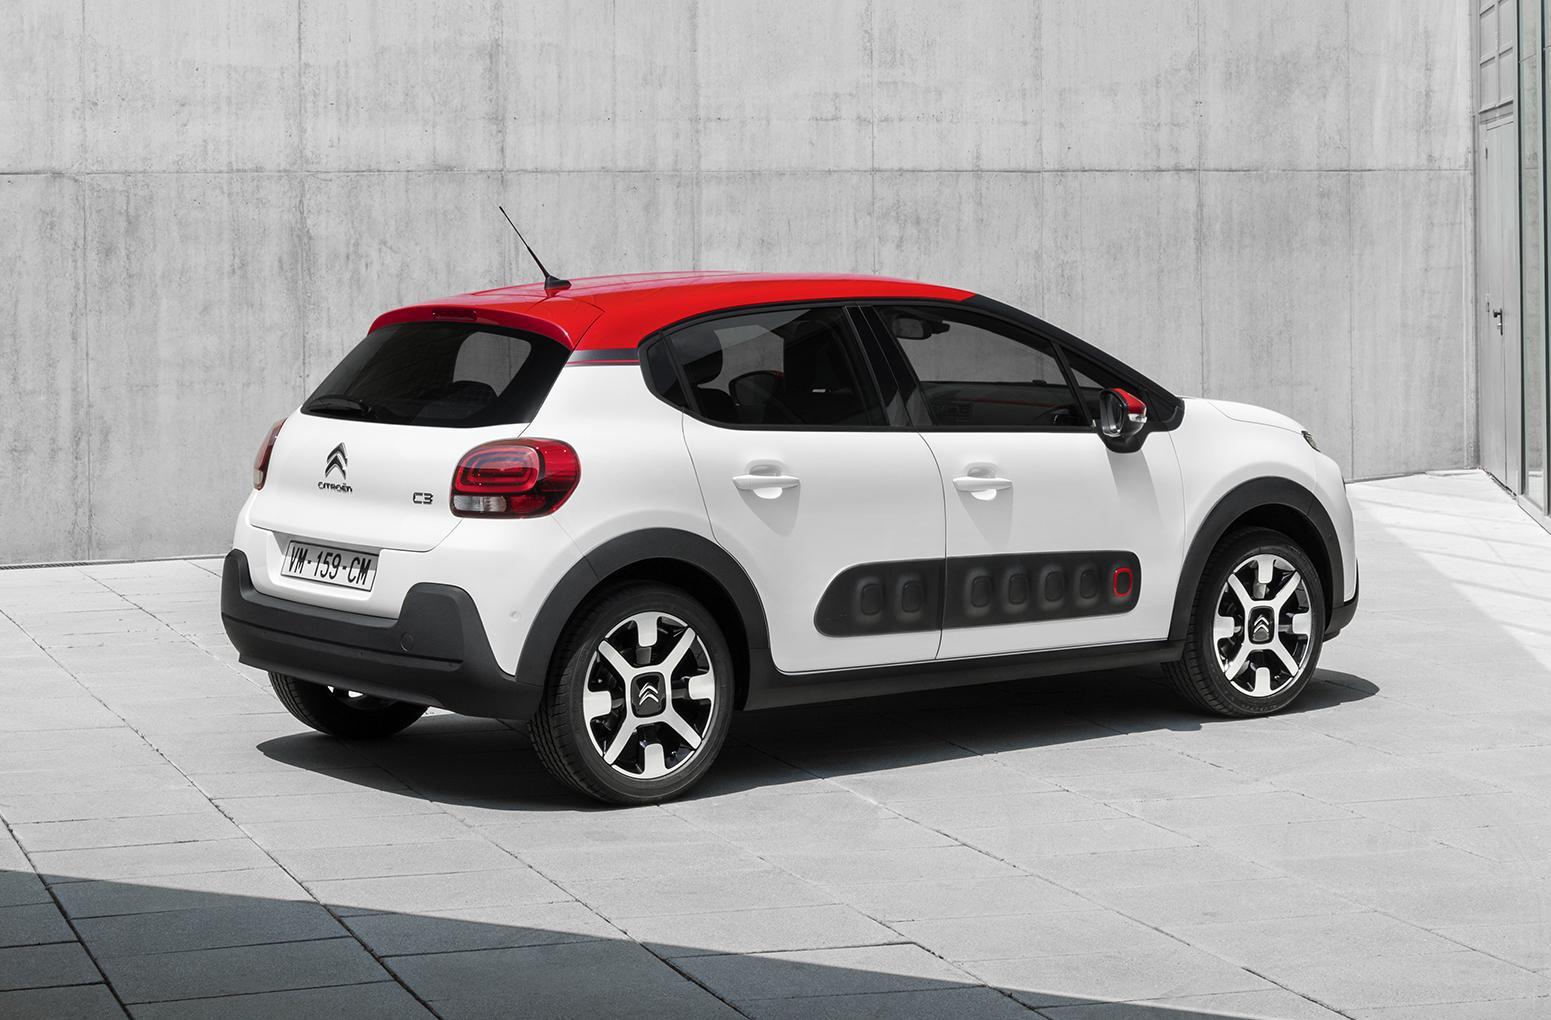 De nieuwe Citroën C3